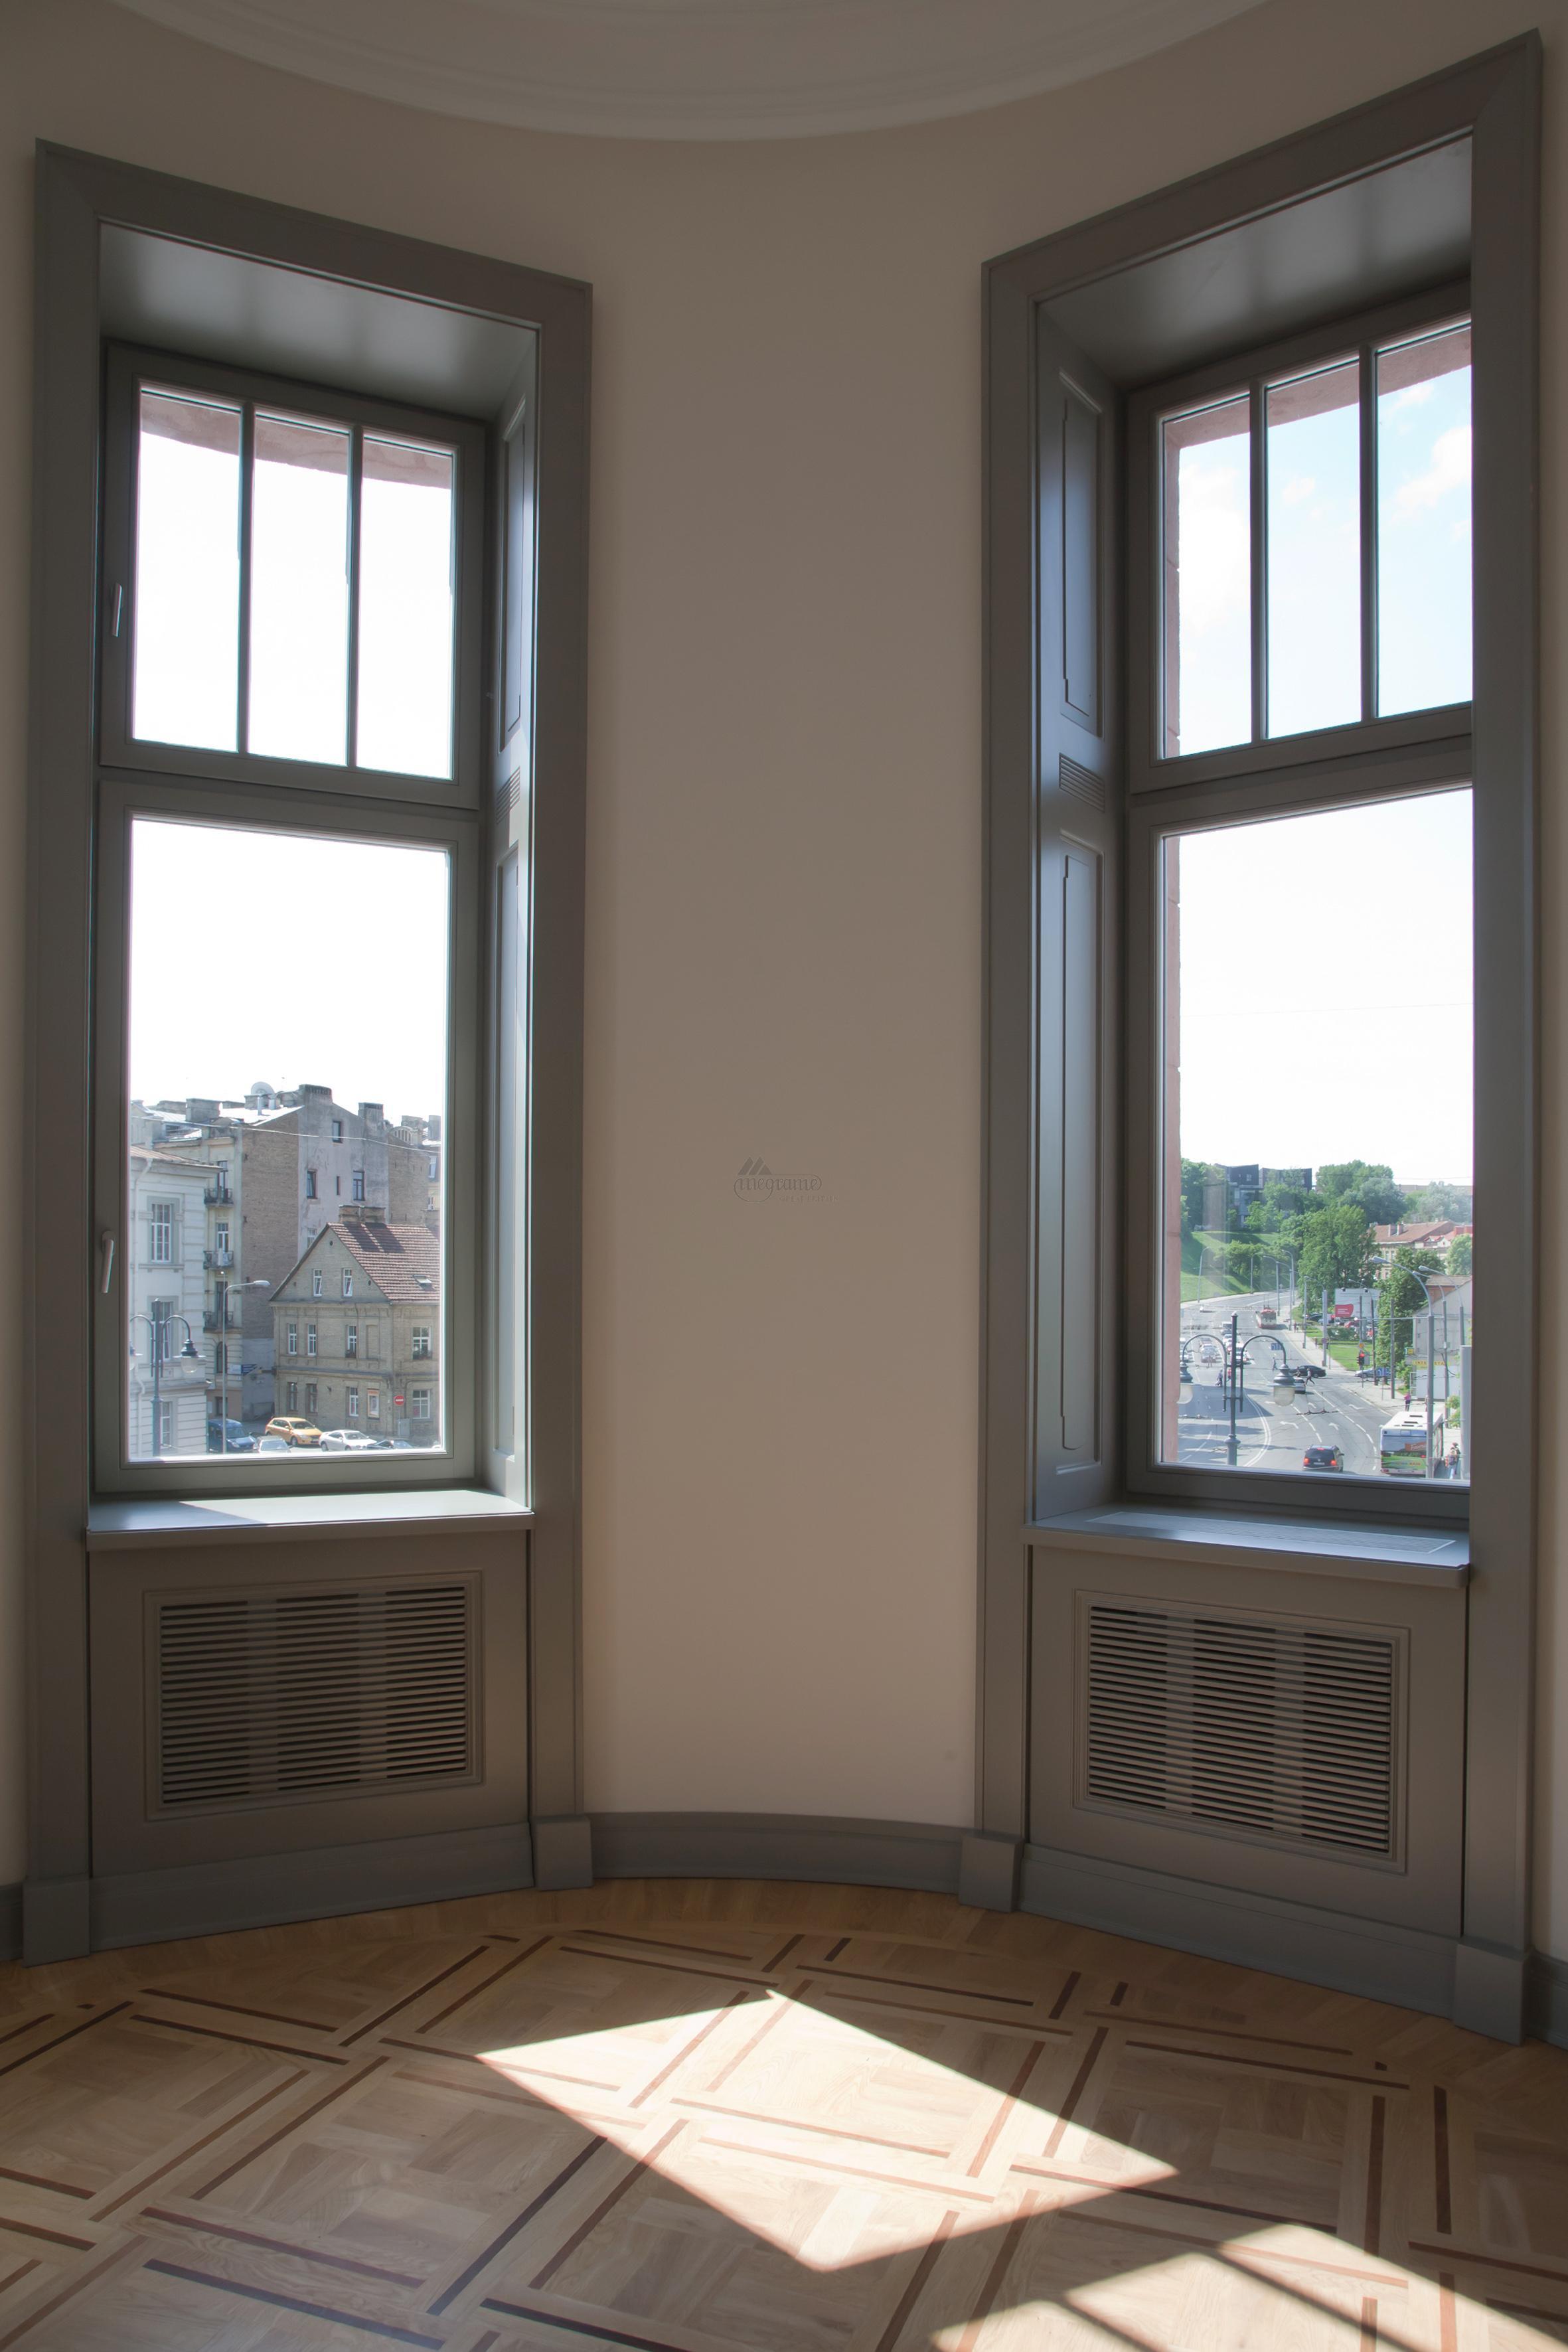 Merchants club Megrame windows 1